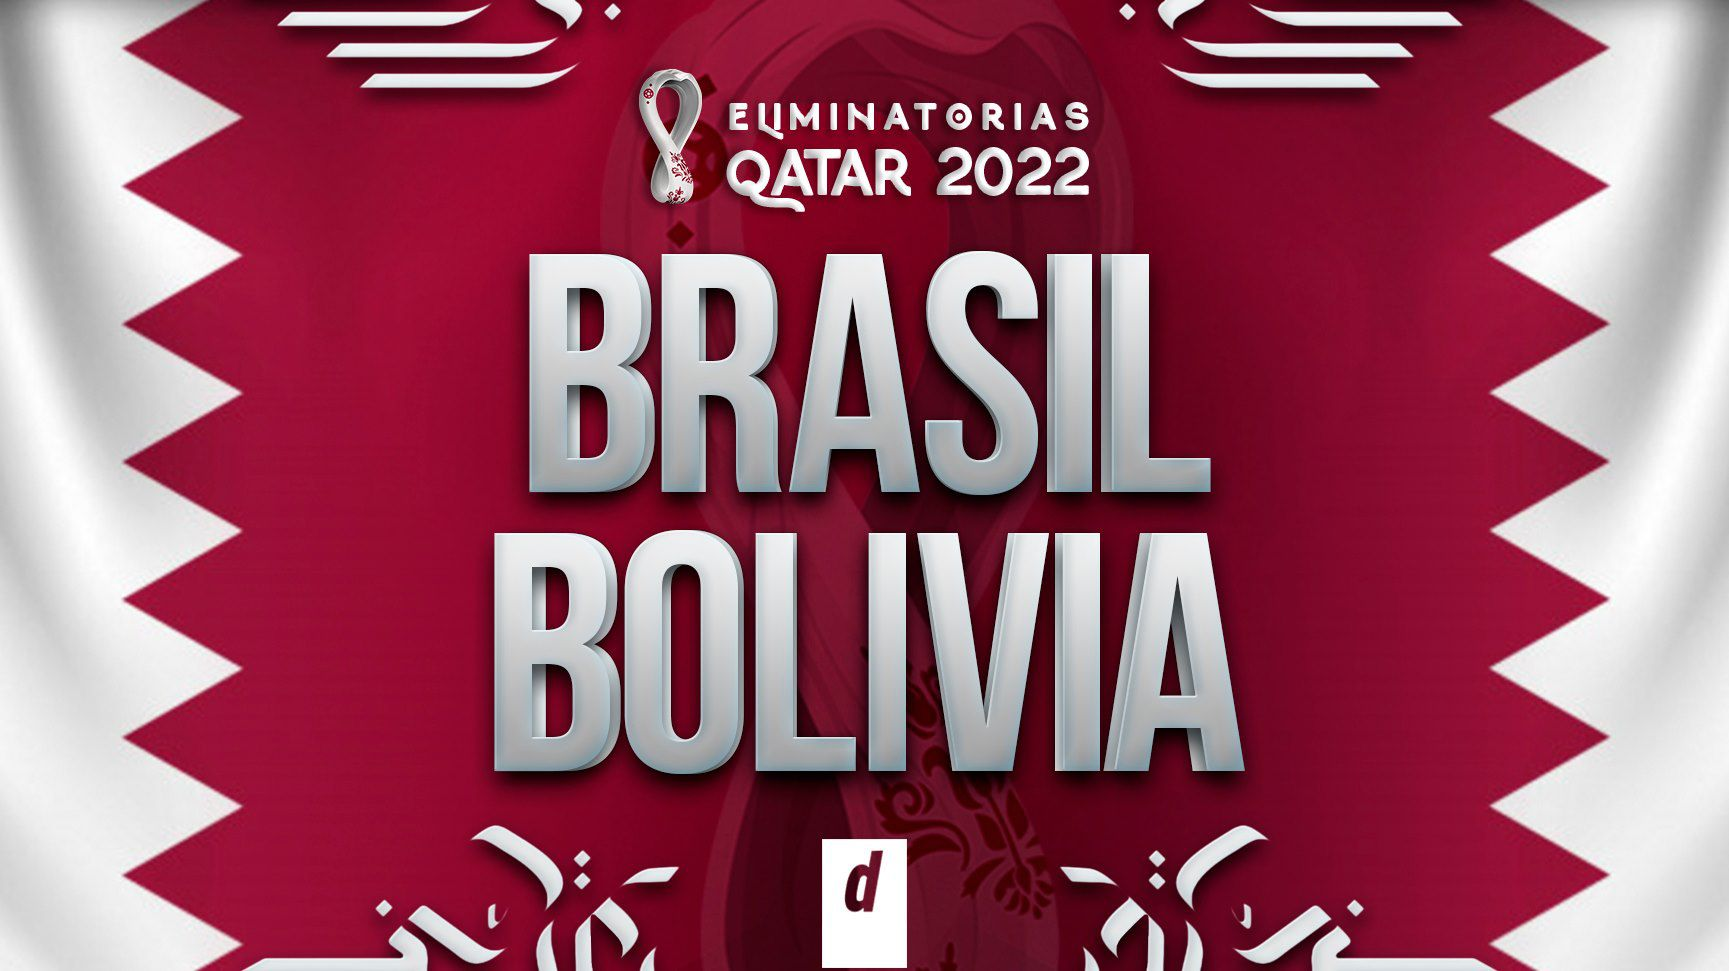 gano-goleo-y-gusto-brasil-vencio-5-a-0-bolivia-en-el-inicio-de-las-eliminatorias-2020